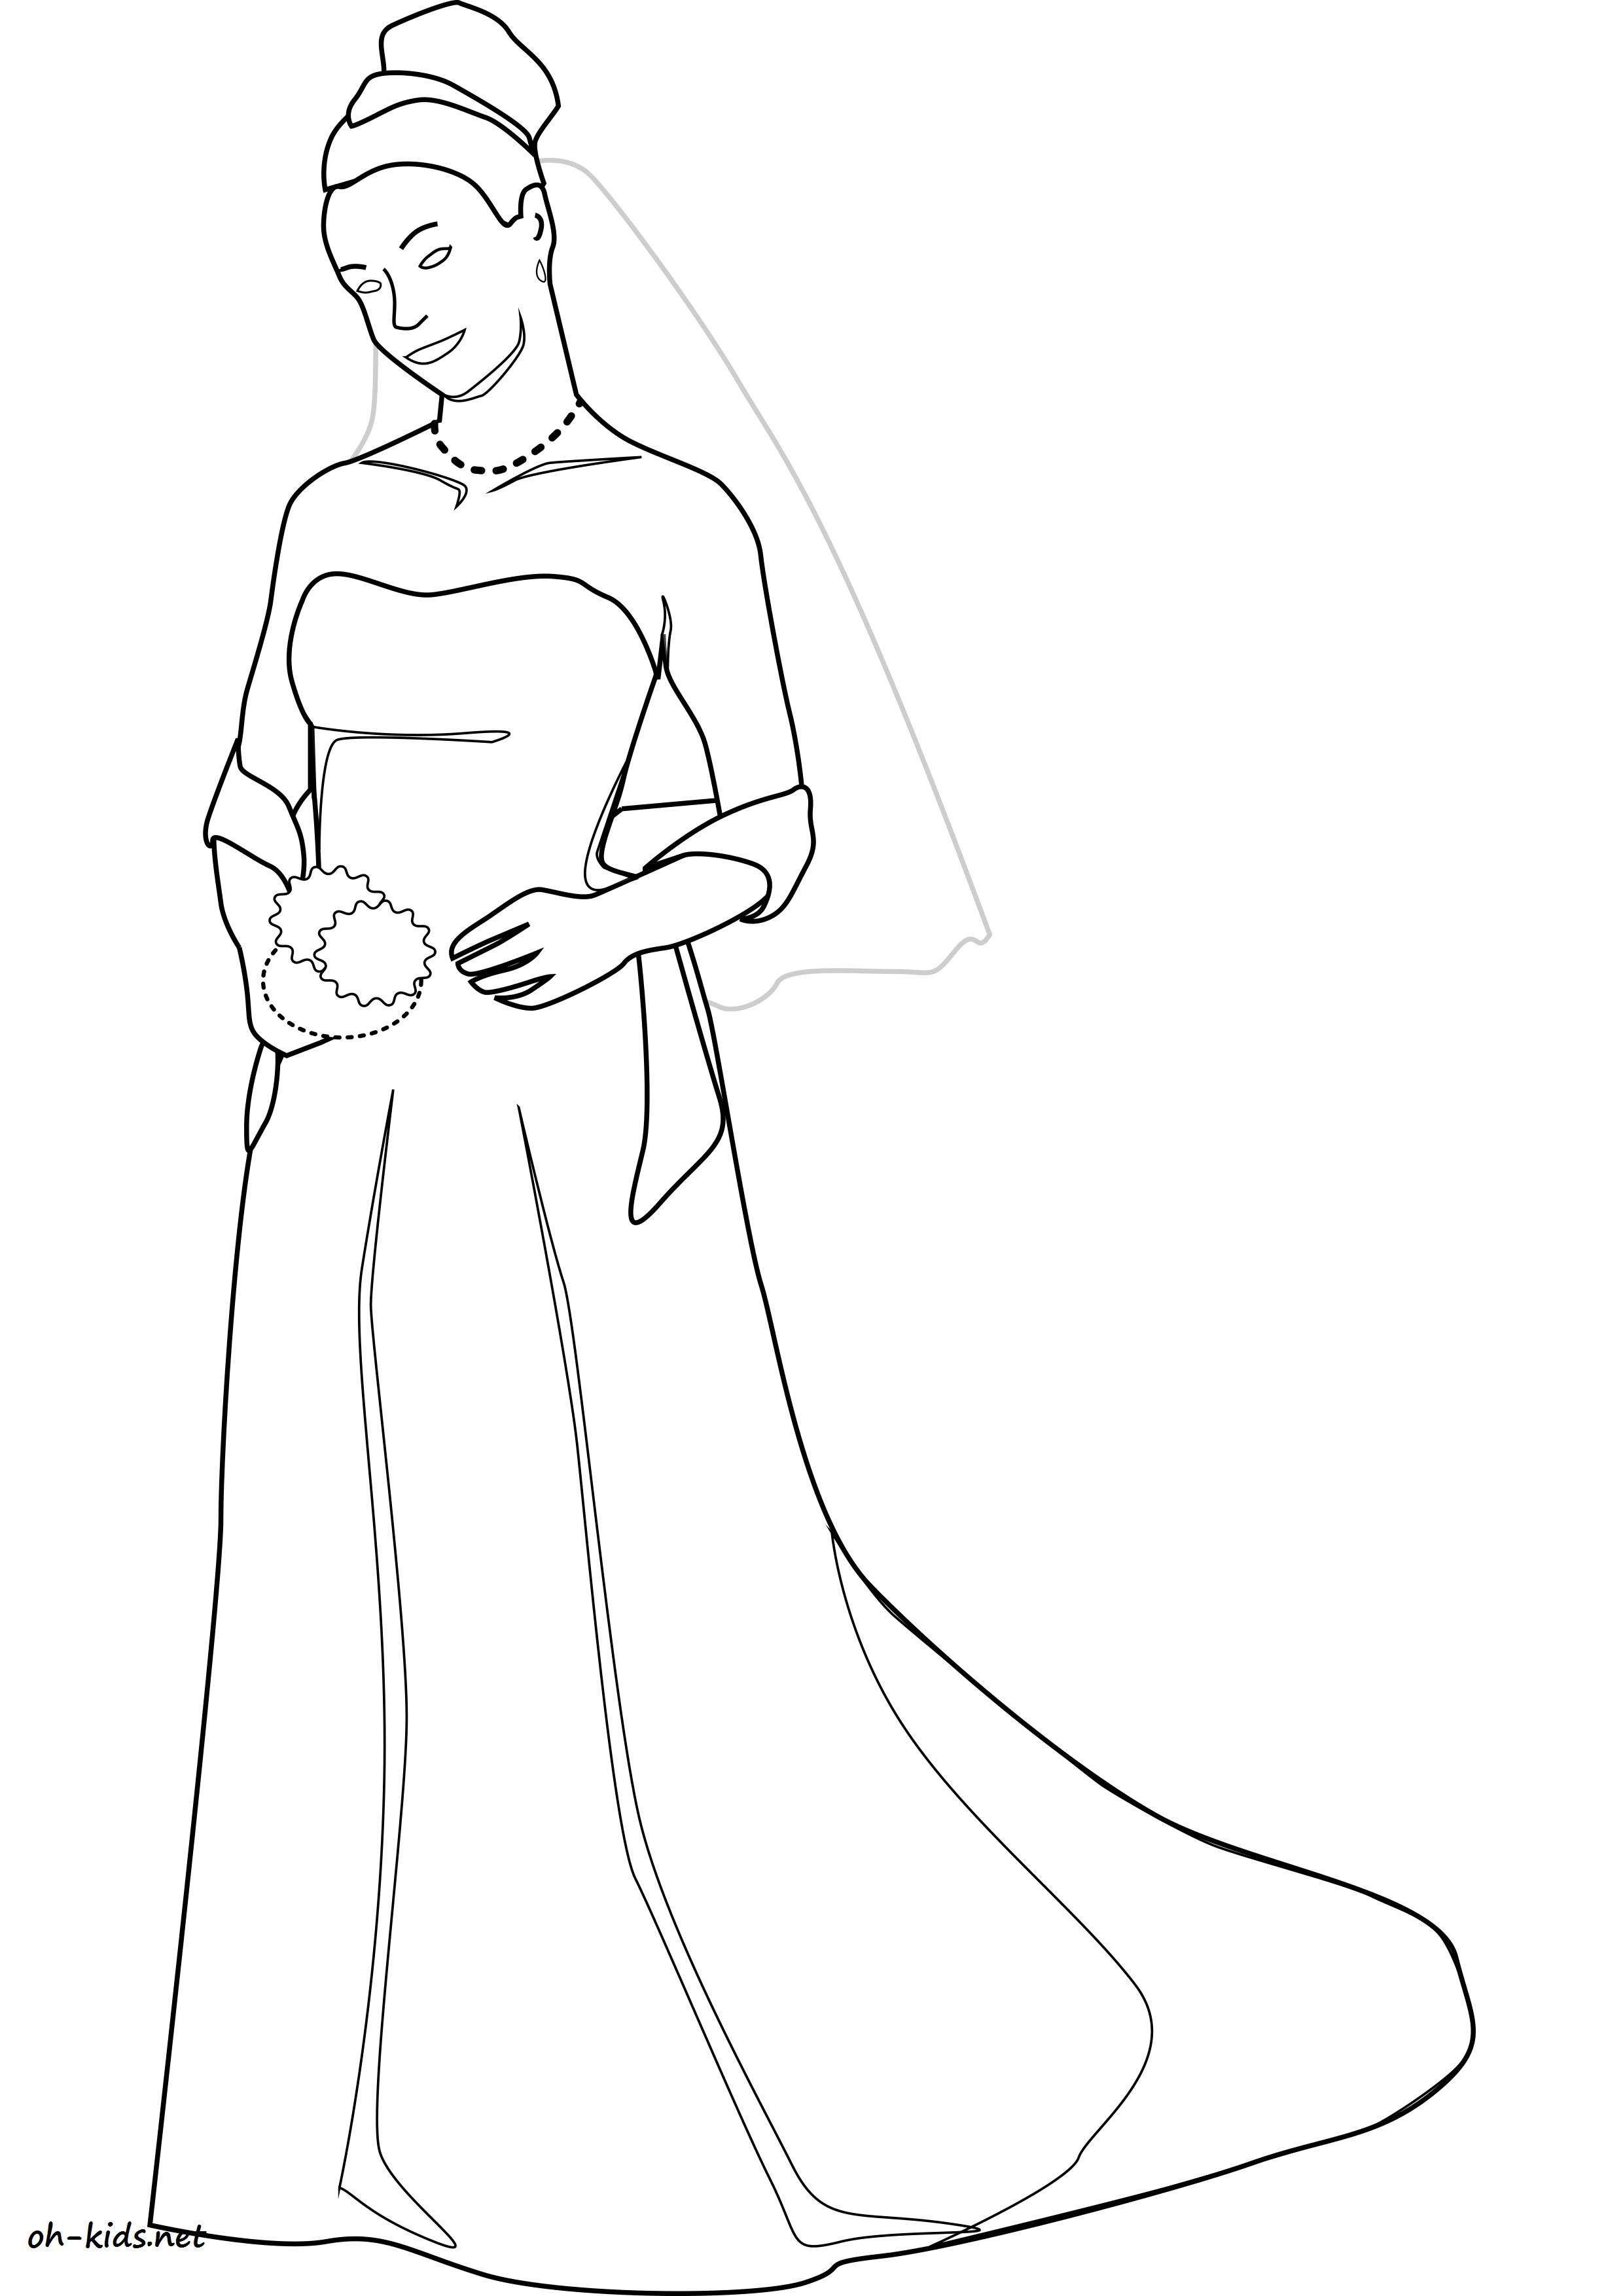 dessin gratuit mariage à imprimer - Dessin #1195